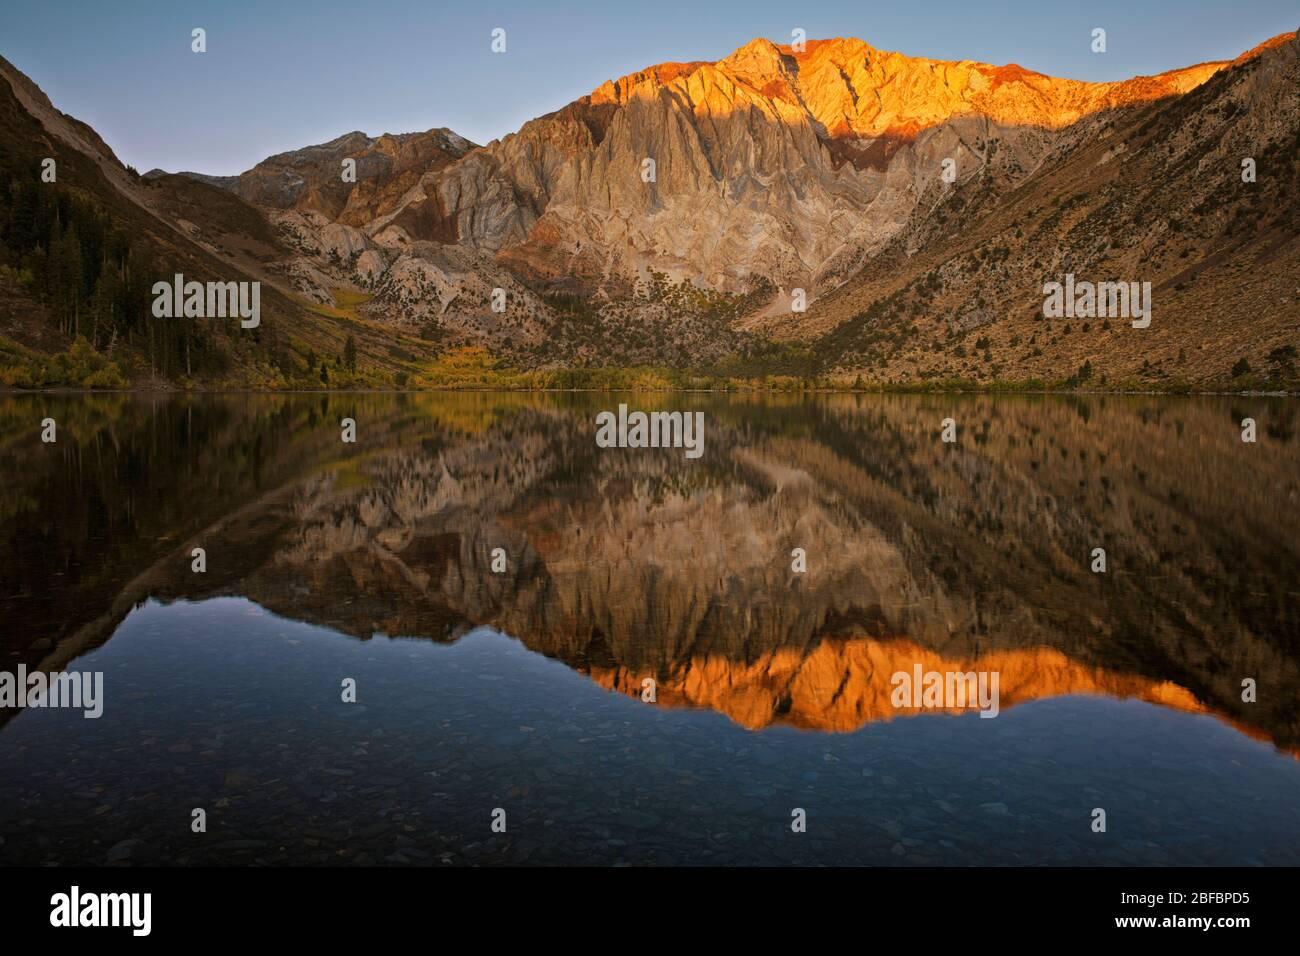 Premier reflet lumineux de l'automne des montagnes de la Sierra orientale au lac des bagnards et au comté de Mono en Californie. Banque D'Images